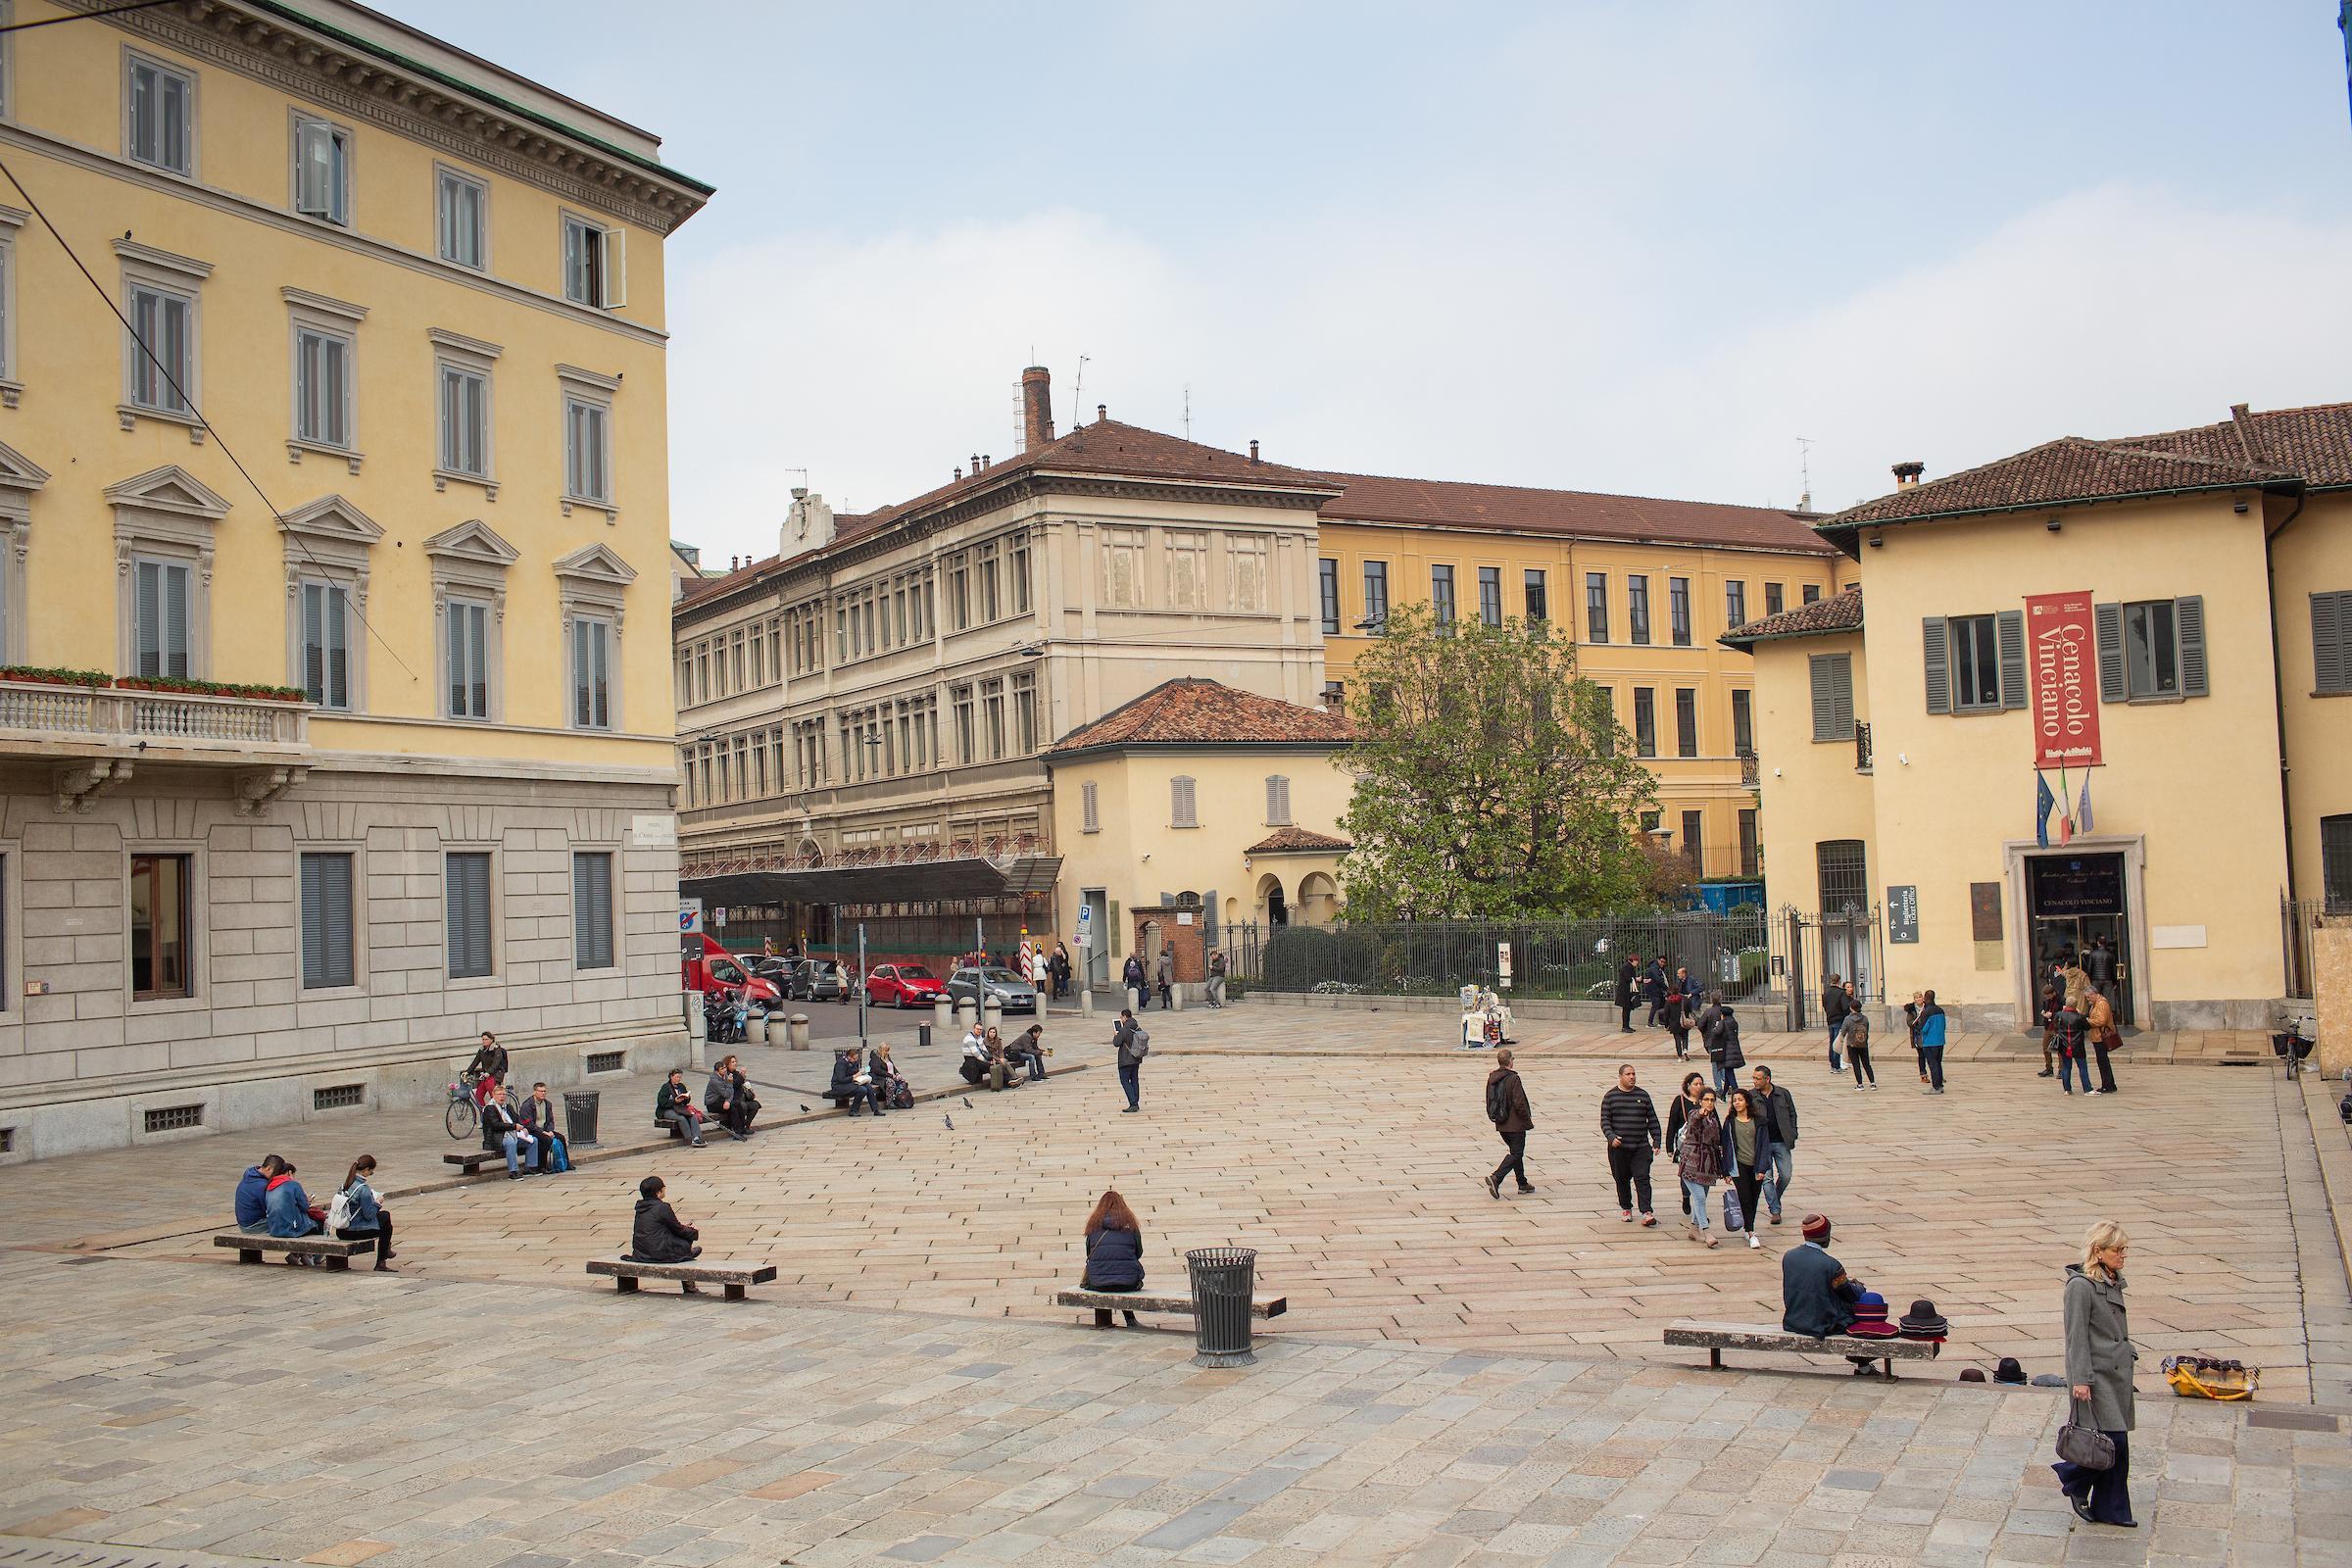 Leonardo da Vinci's Milan